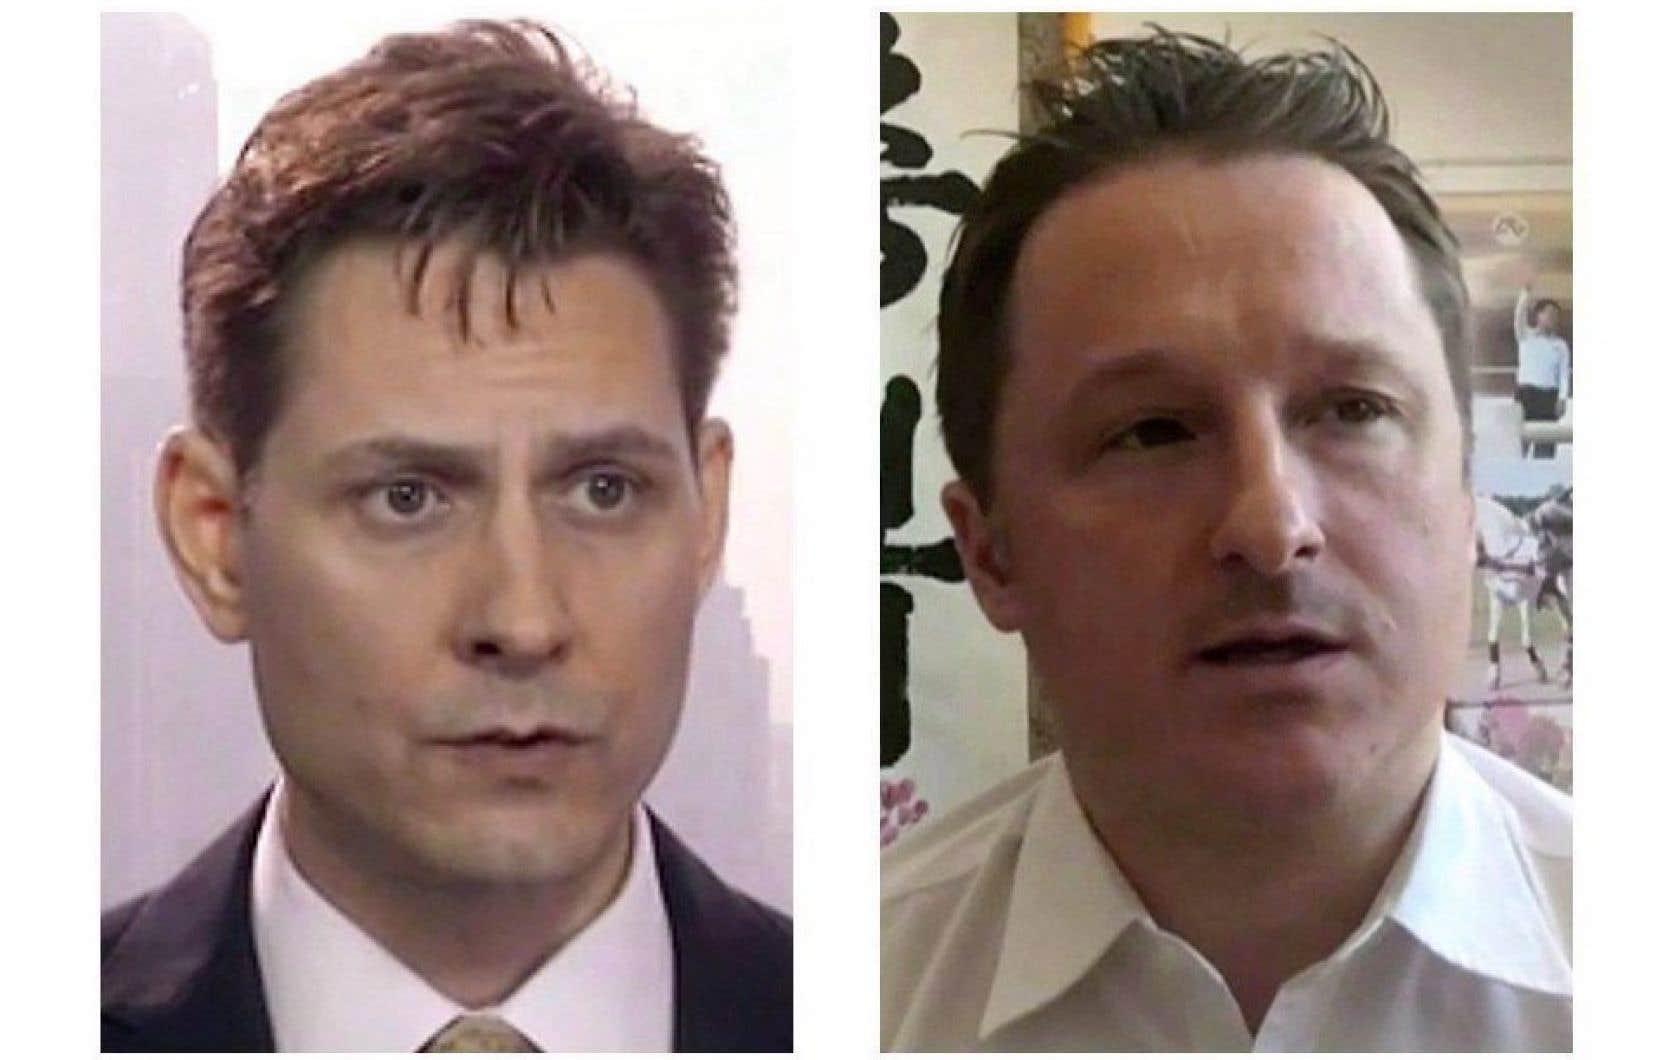 L'ex-diplomate canadien Michael Kovrig et le consultant canadien Michael Spavor sont détenus en Chine depuis le 10 décembre.